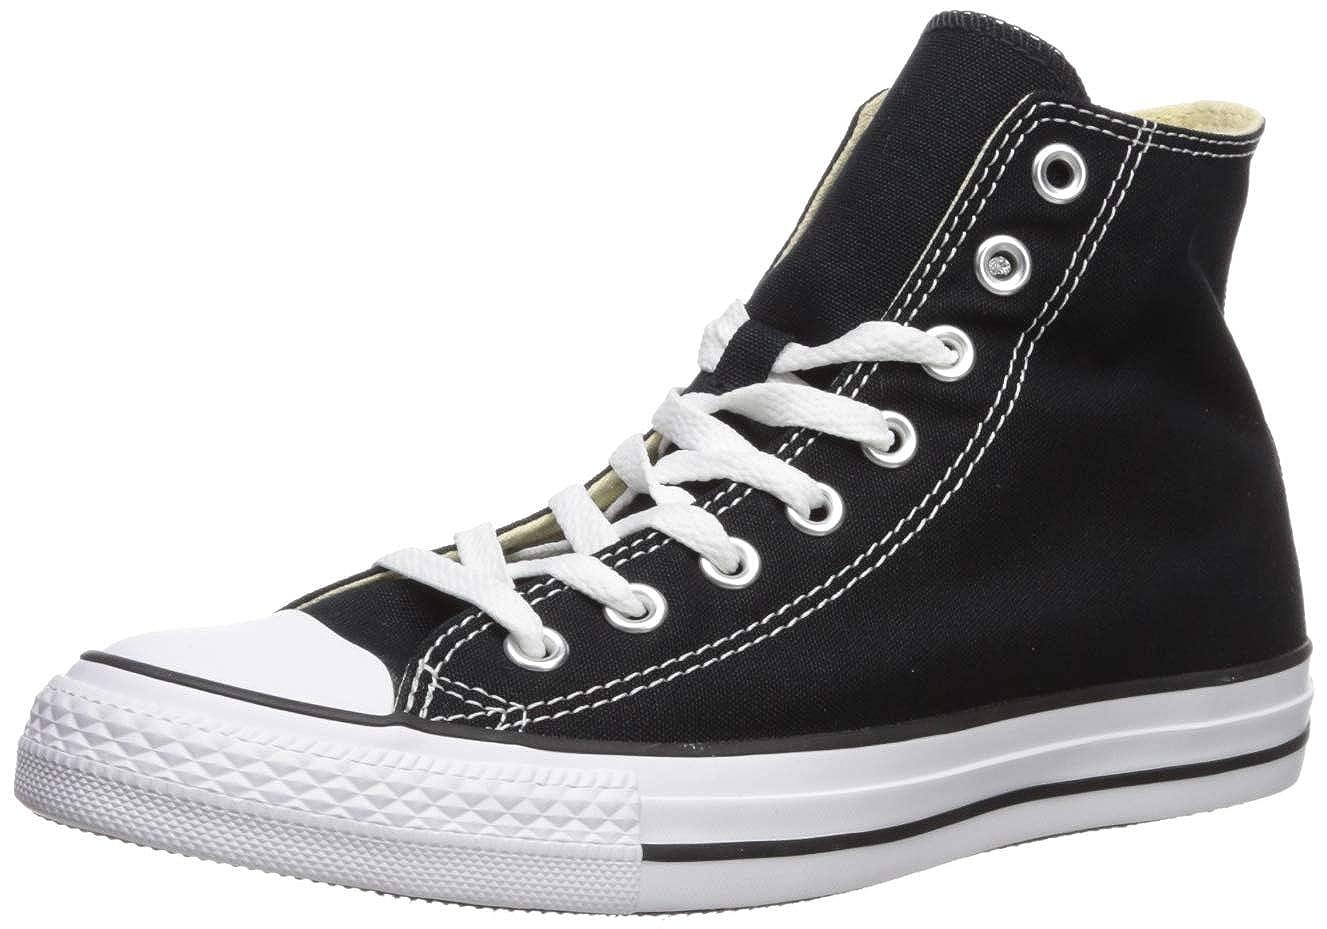 Converse All Star Hi - Hausschuhe unisex schwarz Monochrome) (schwarz